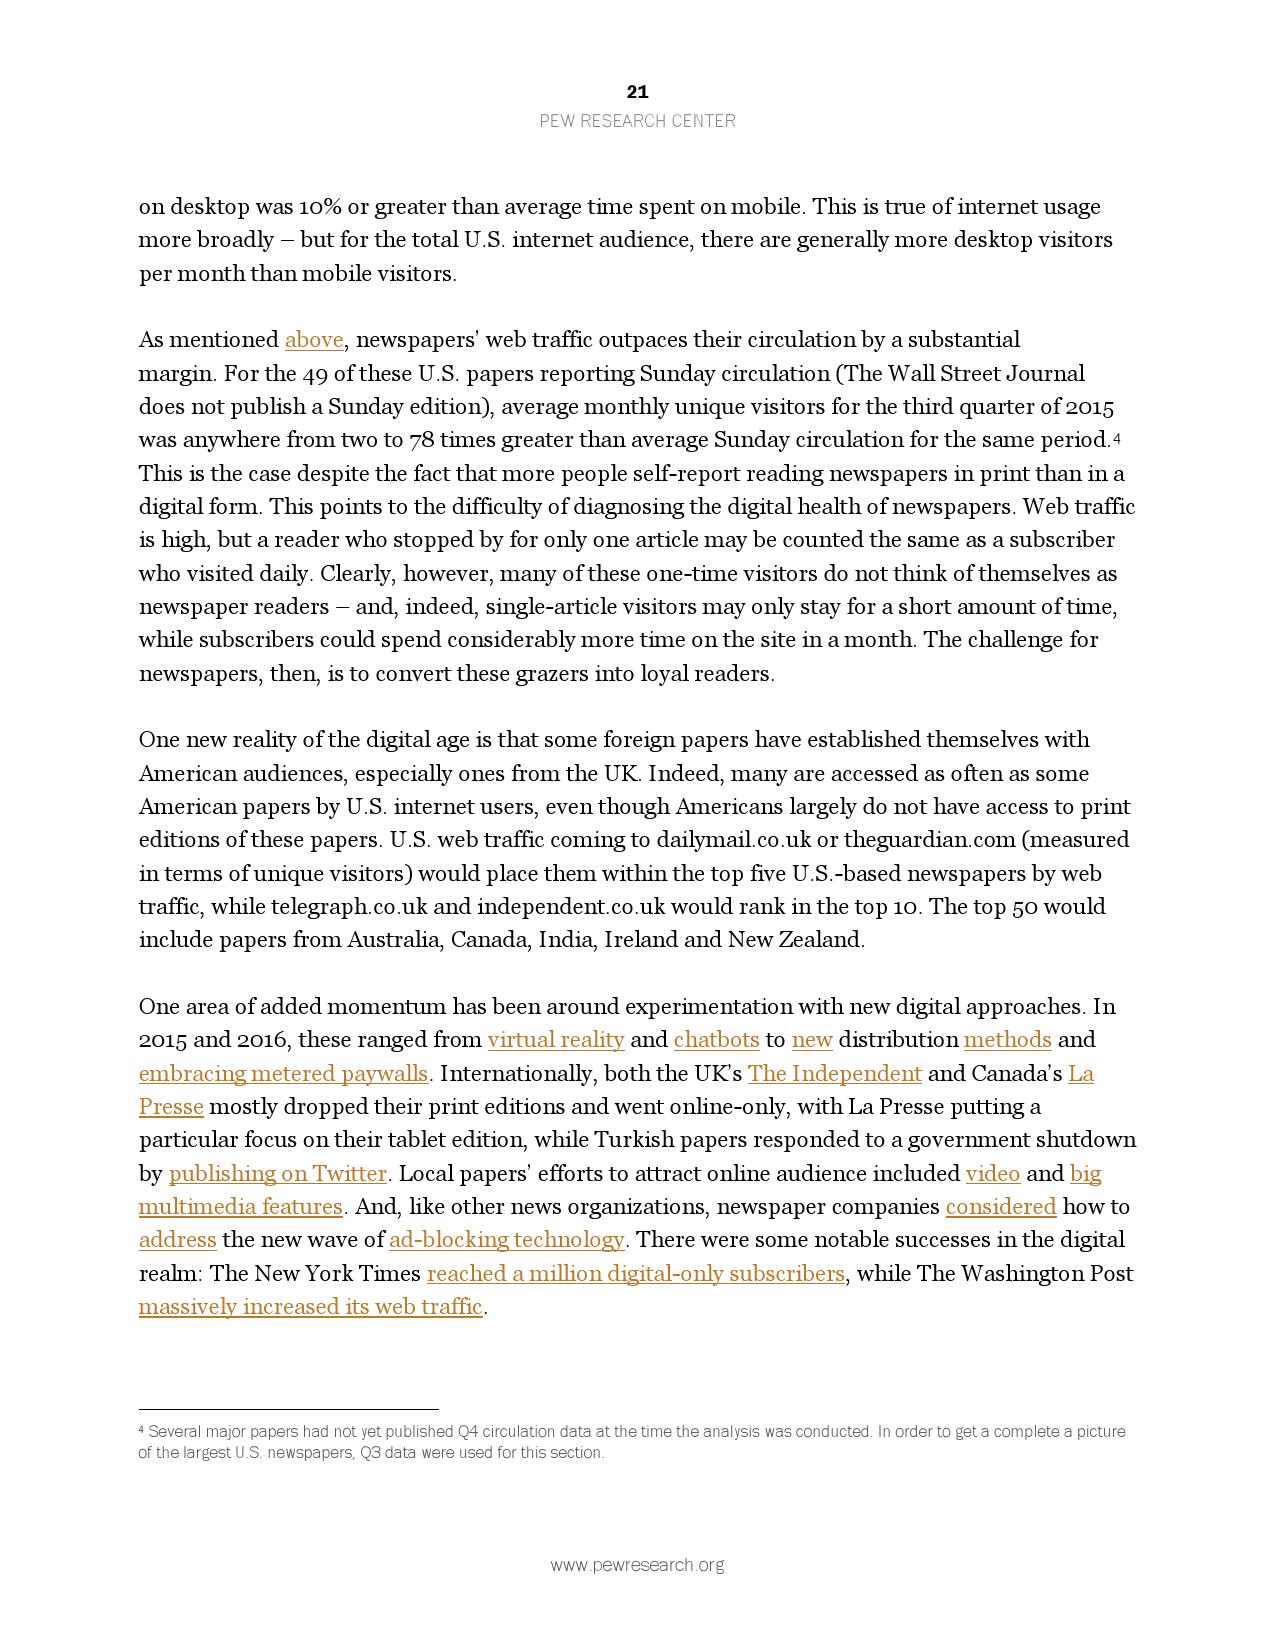 2016美国新媒体研究报告_000021